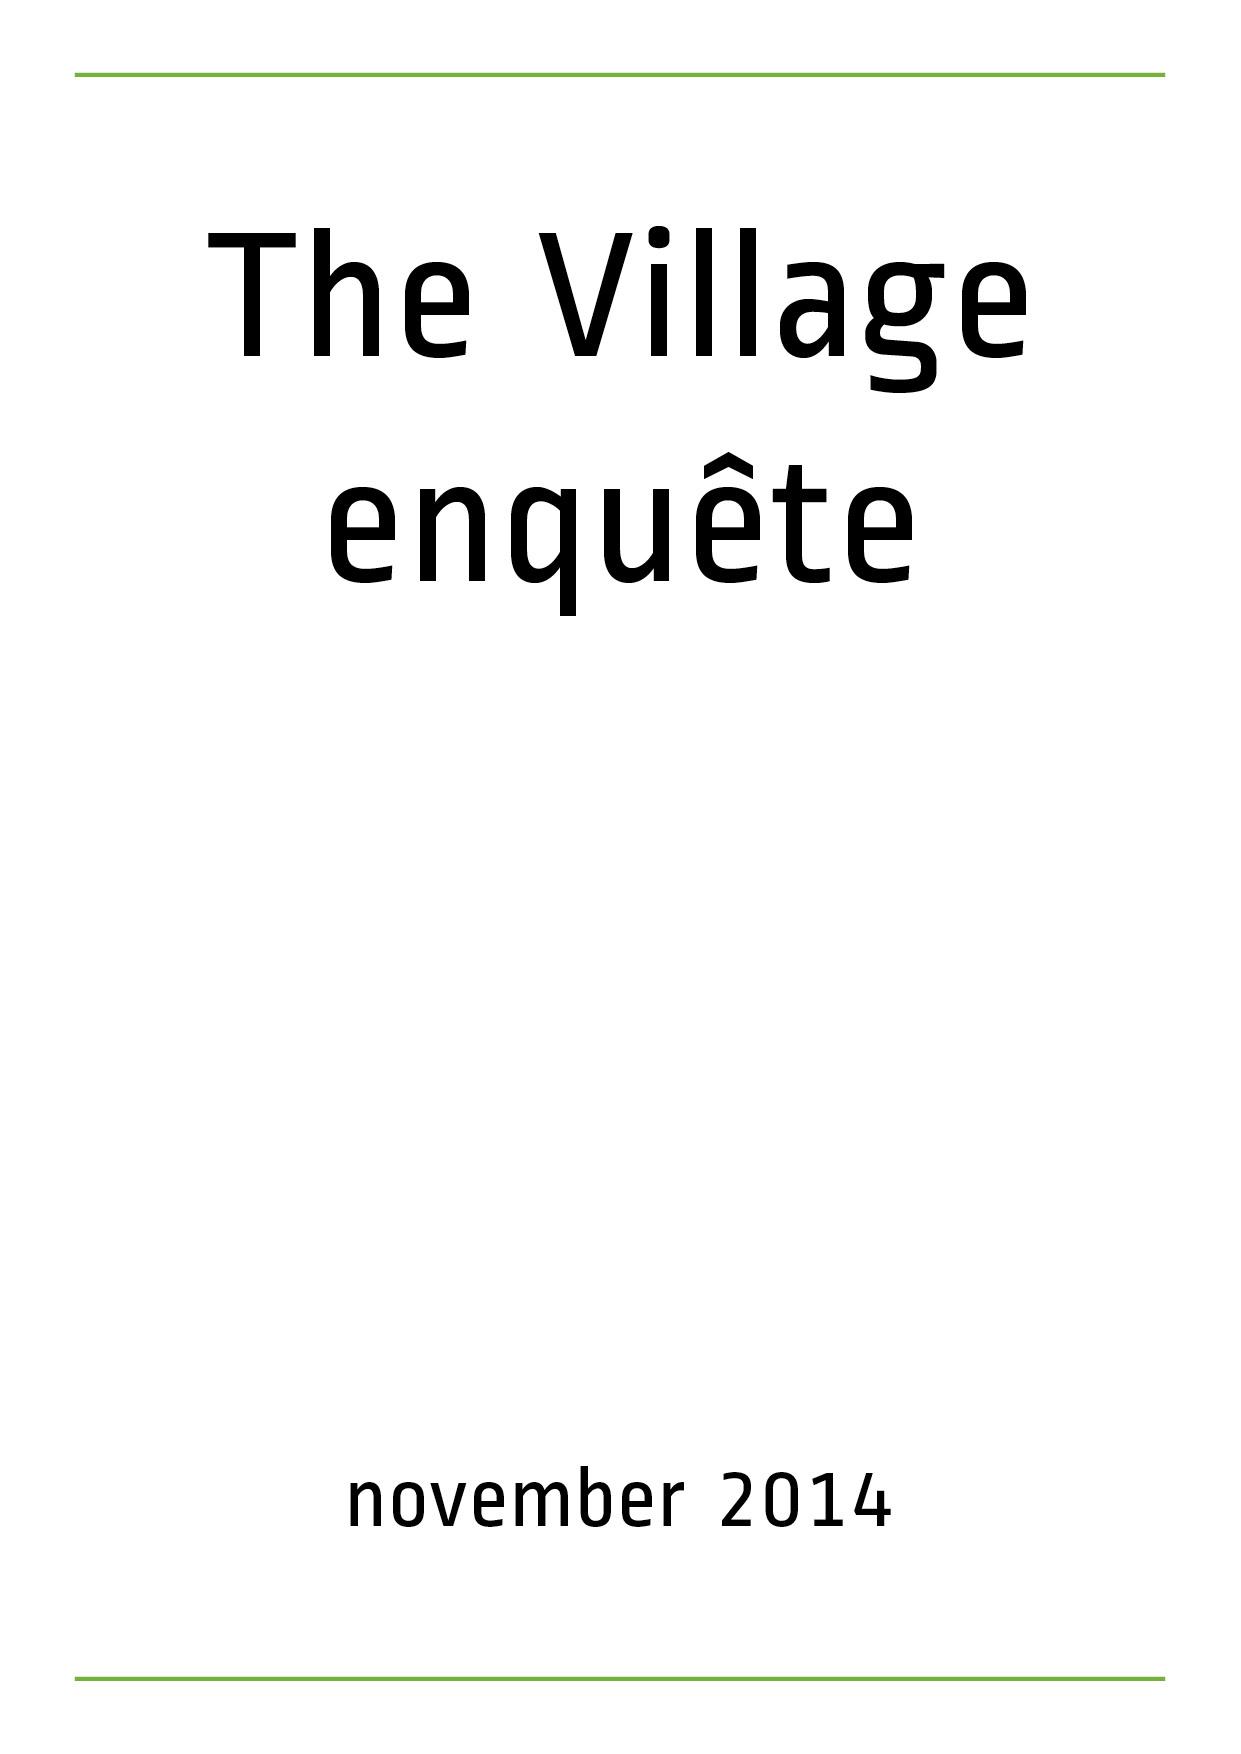 VillageEnquete01